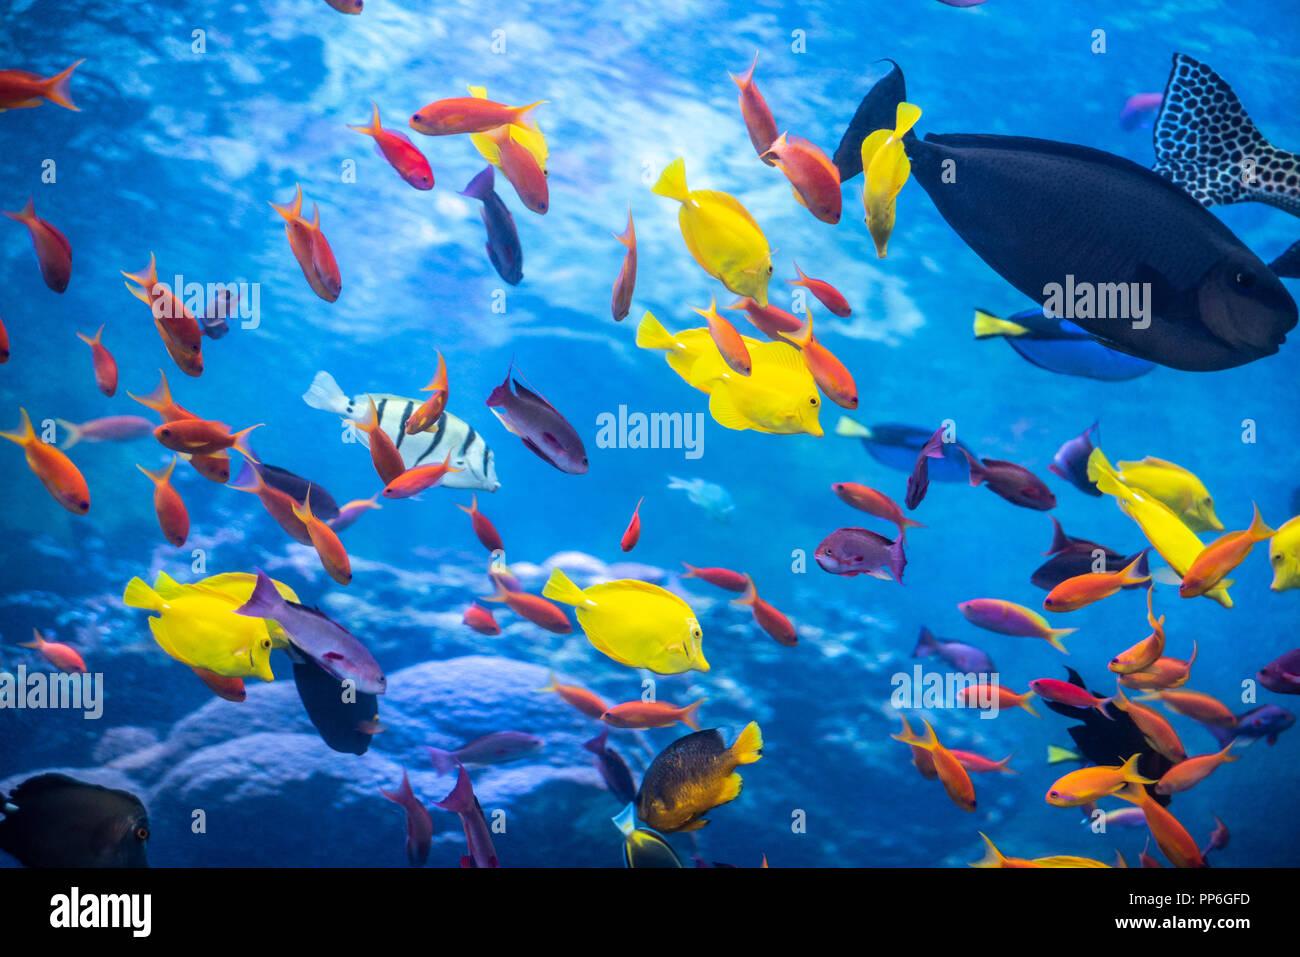 Tropische Riff mit einem Regenbogen Sortiment von bunten Fischen am Georgia Aquarium in der Innenstadt von Atlanta, Georgia. (USA) Stockbild